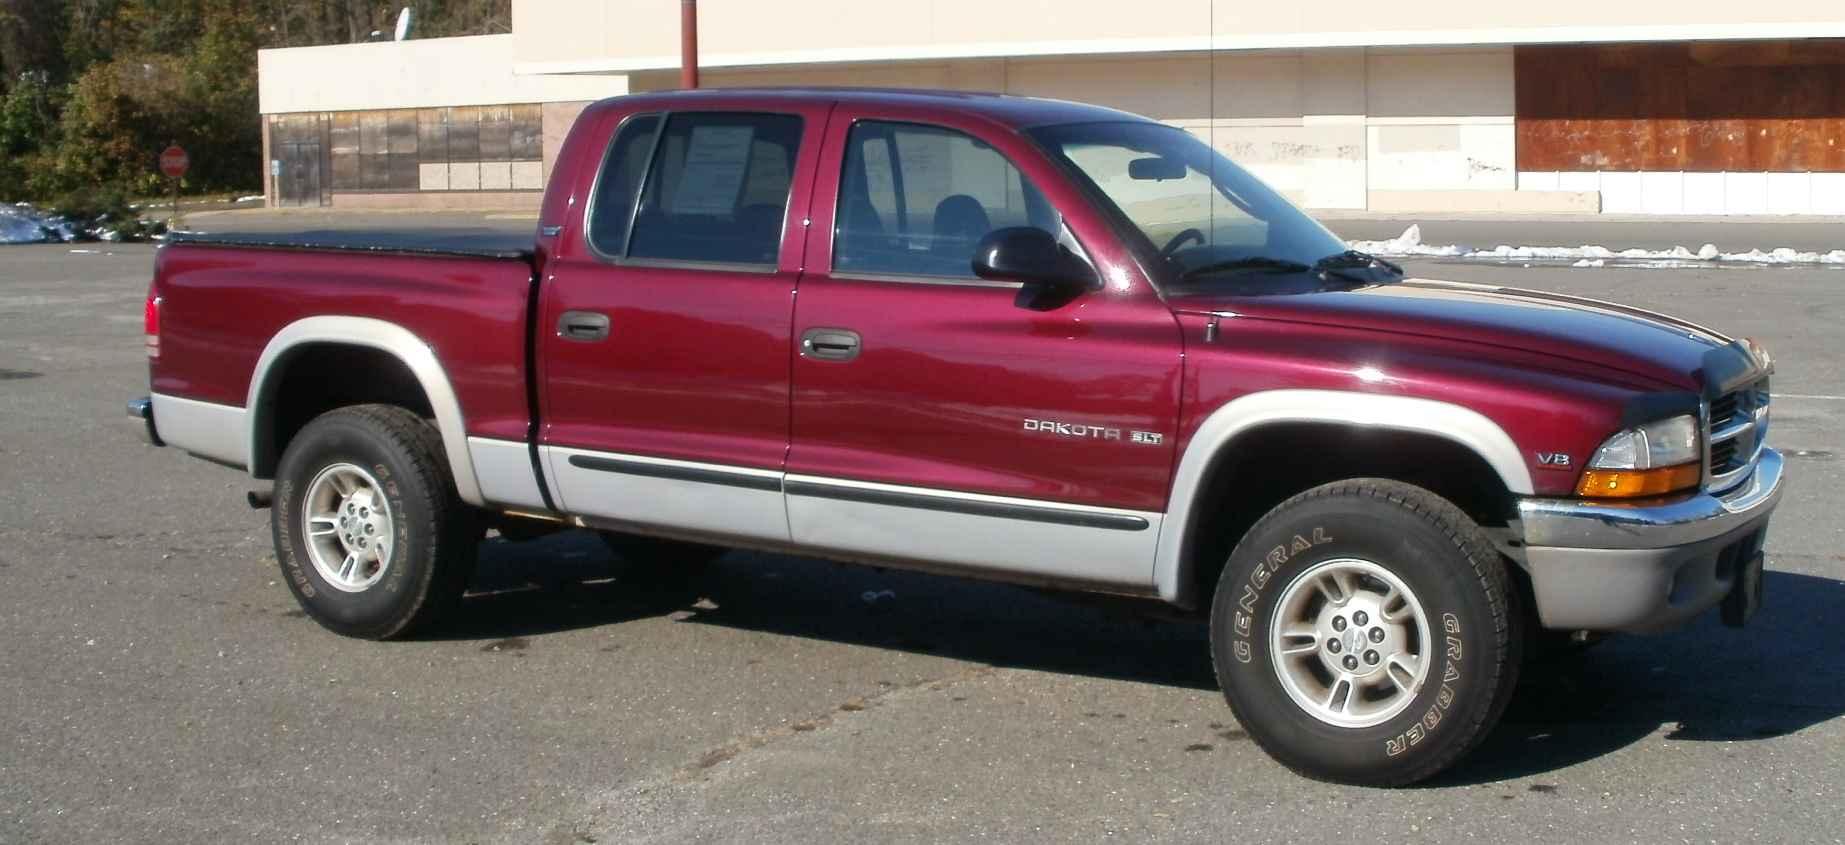 2000 Dodge Dakota BHPH Fair Market Value